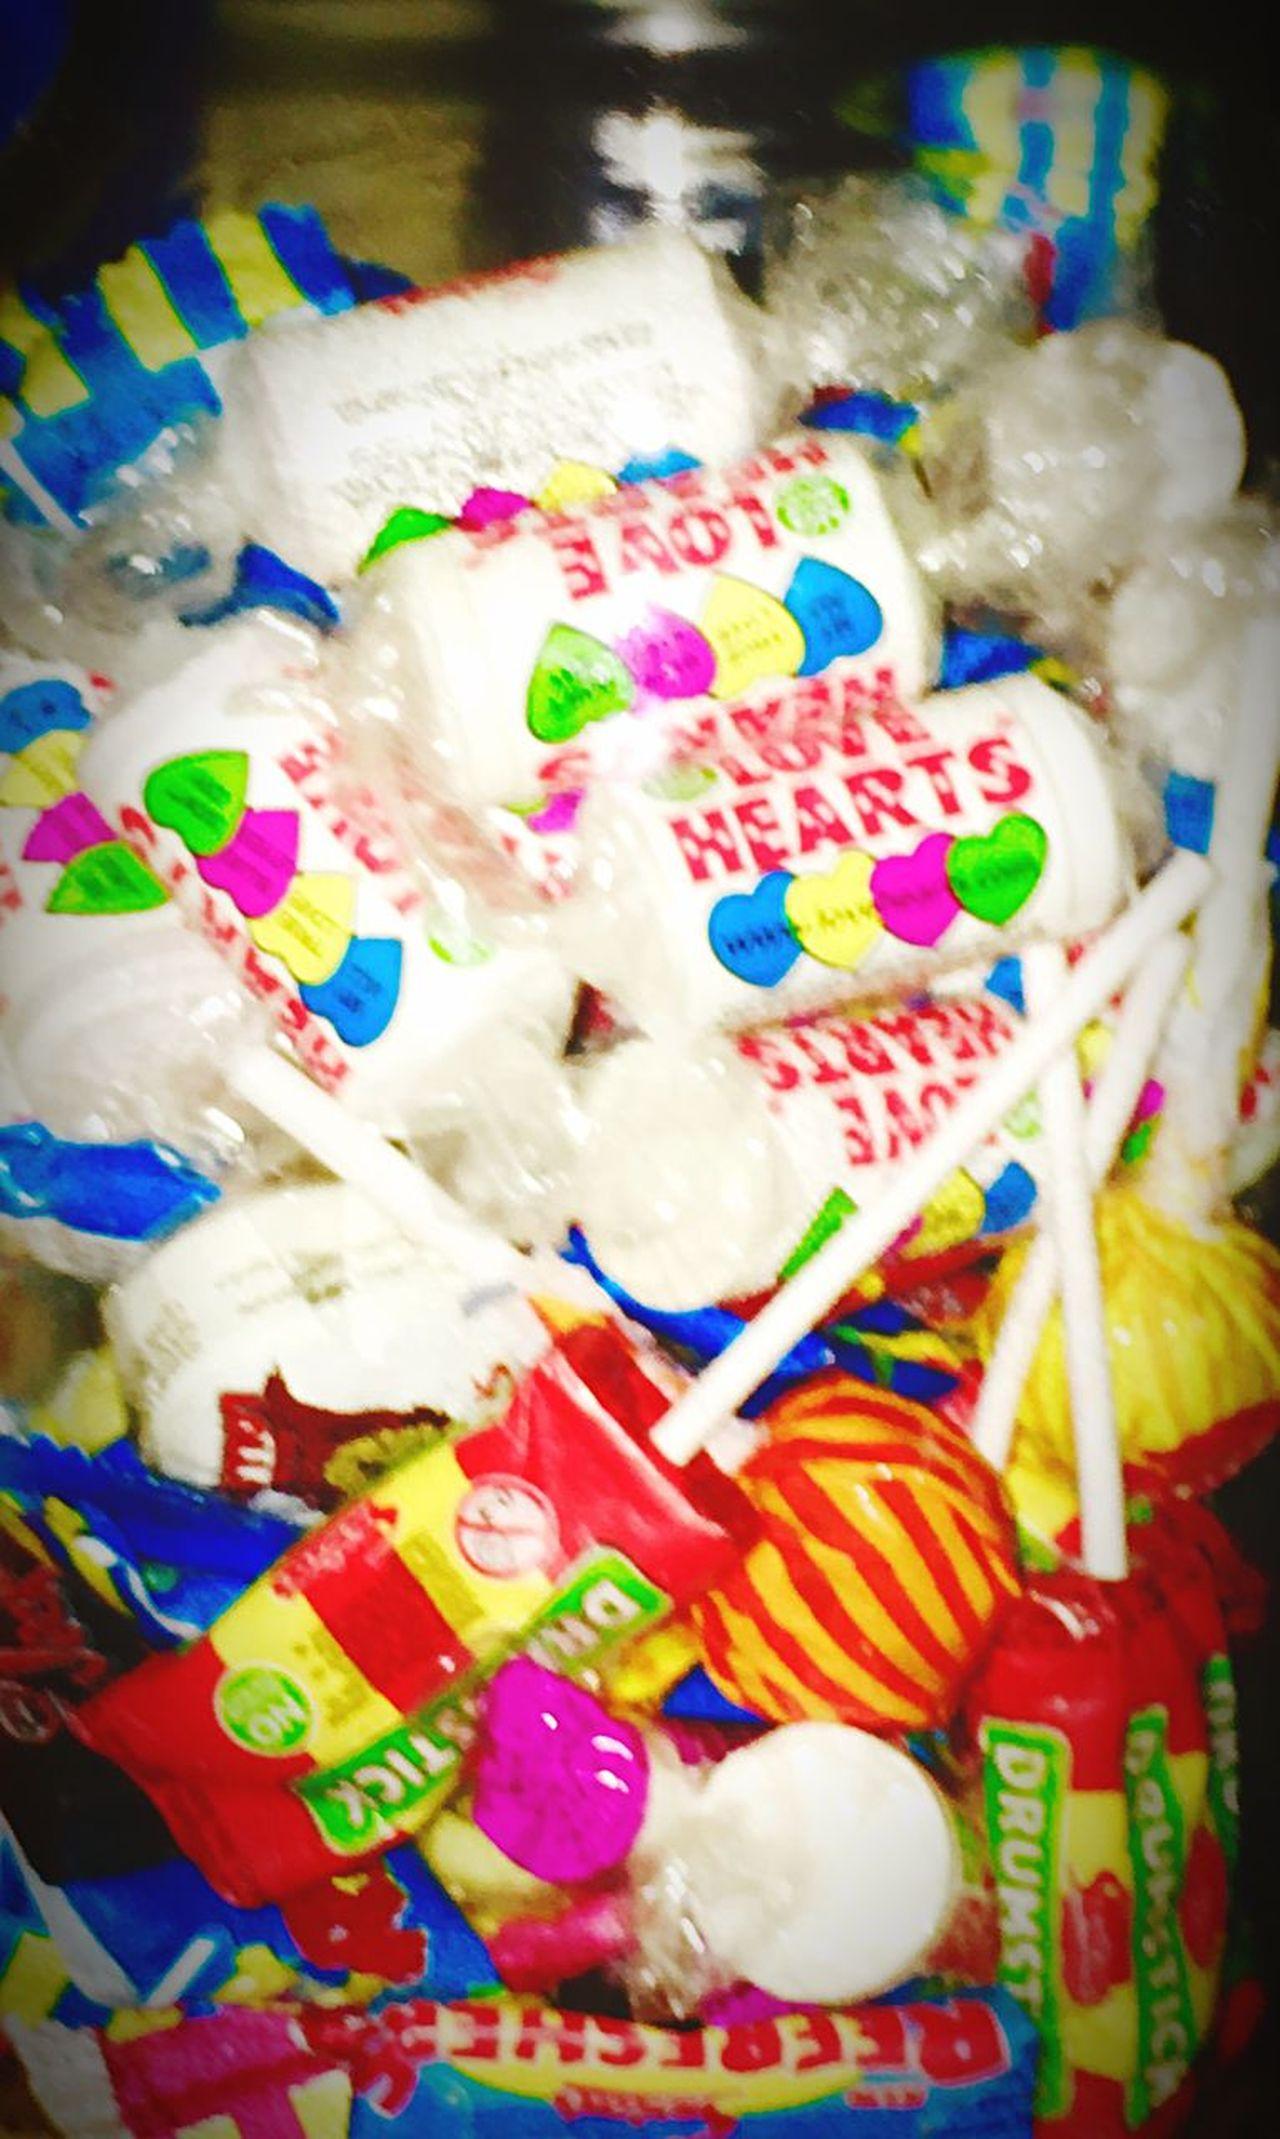 Messedupjournal Recycle Refreshers Lovehearts Sweeties Jars